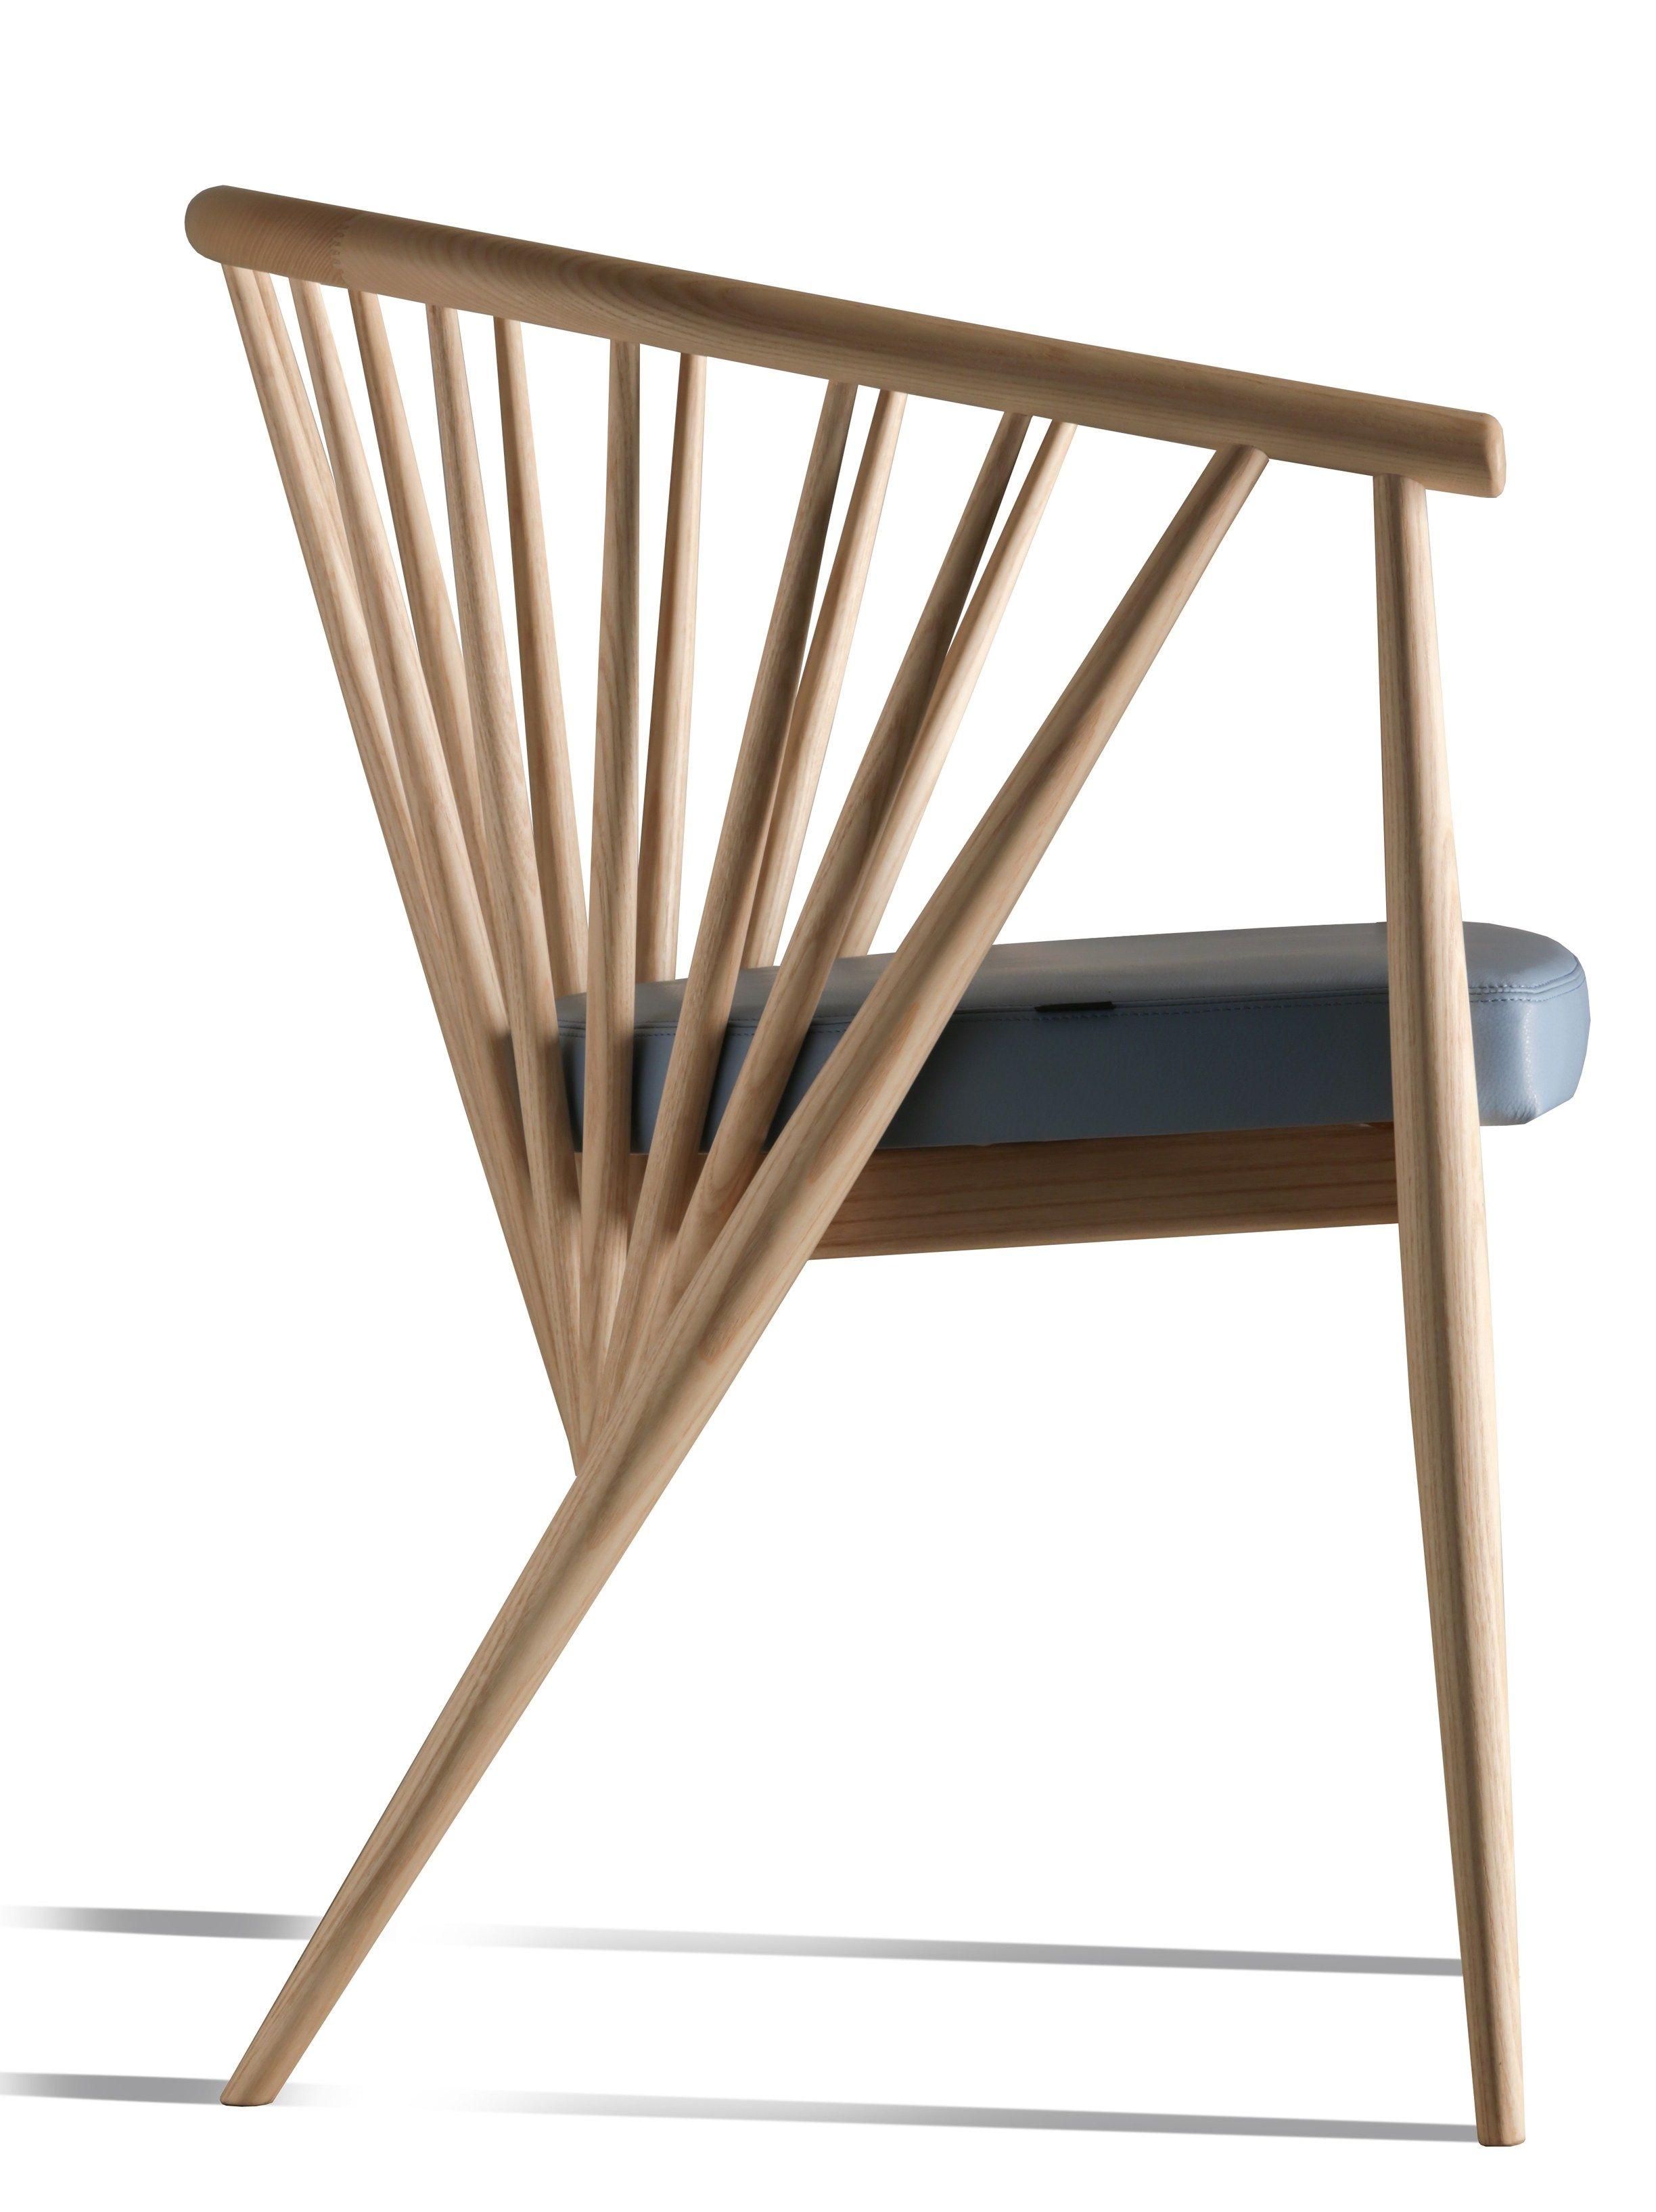 安乐椅 POLTRONCINA GENNY By Morelato 设计师Centro Ricerche MAAM